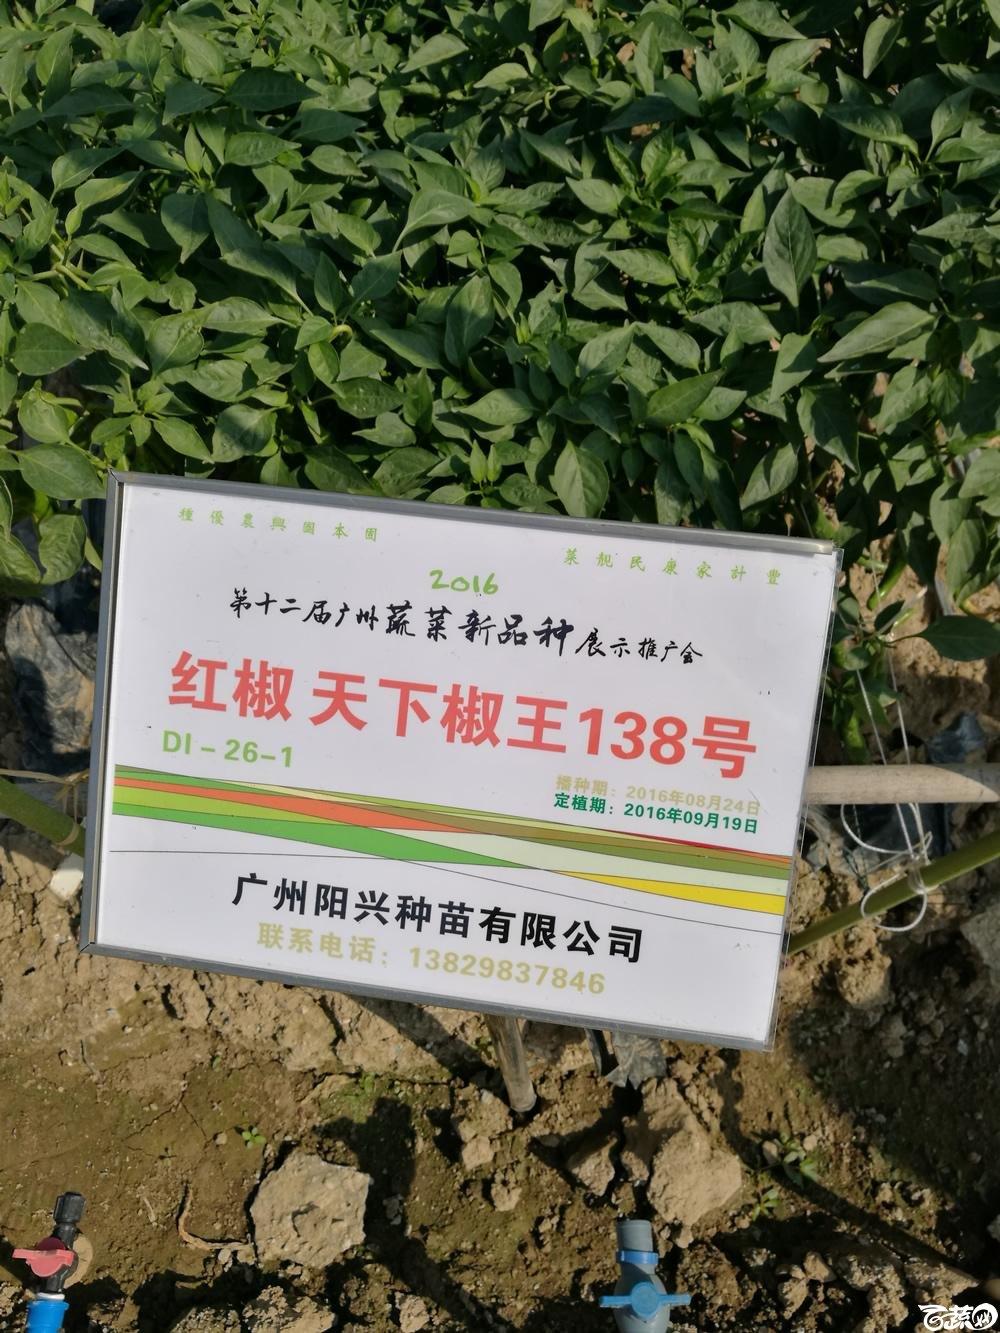 2016年12届广州蔬菜新品种展示会,广州阳兴种苗公司天下椒王138_001.jpg